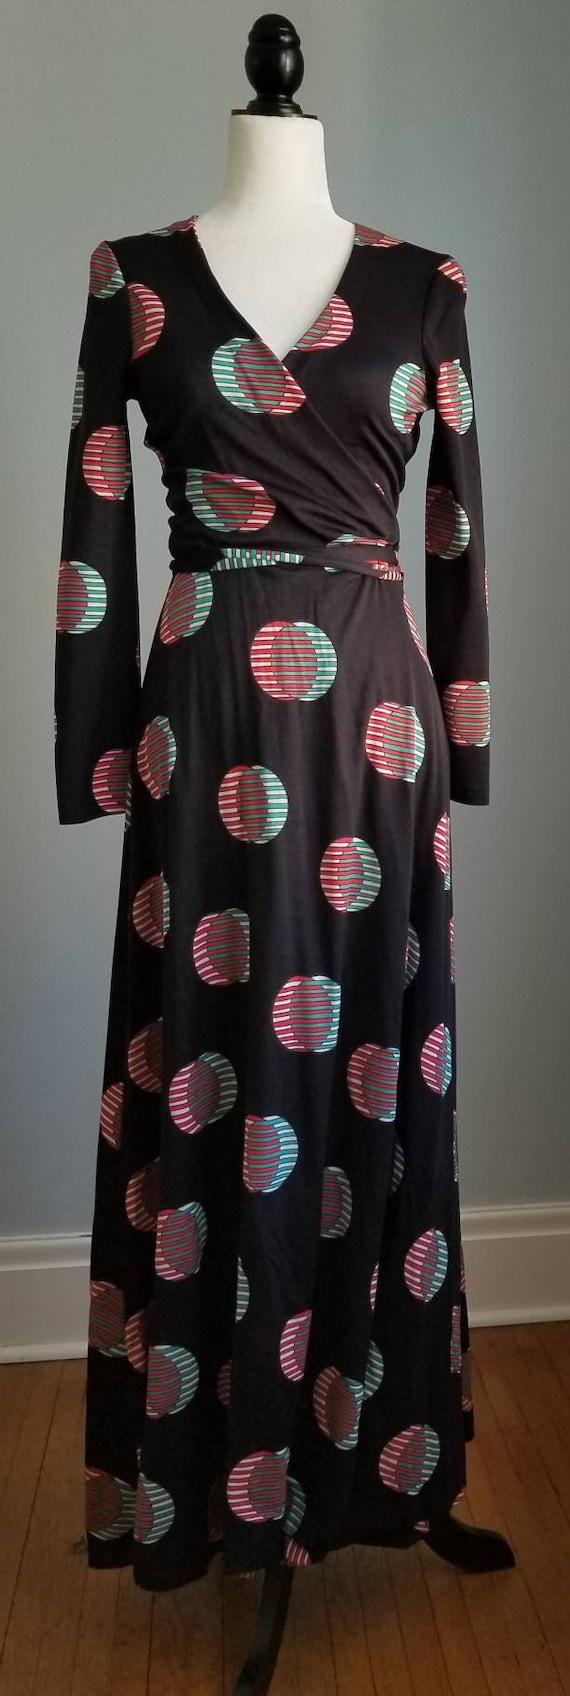 Wrap Dress, Vintage DVF, DVF Wrap Dress, 70's Maxi